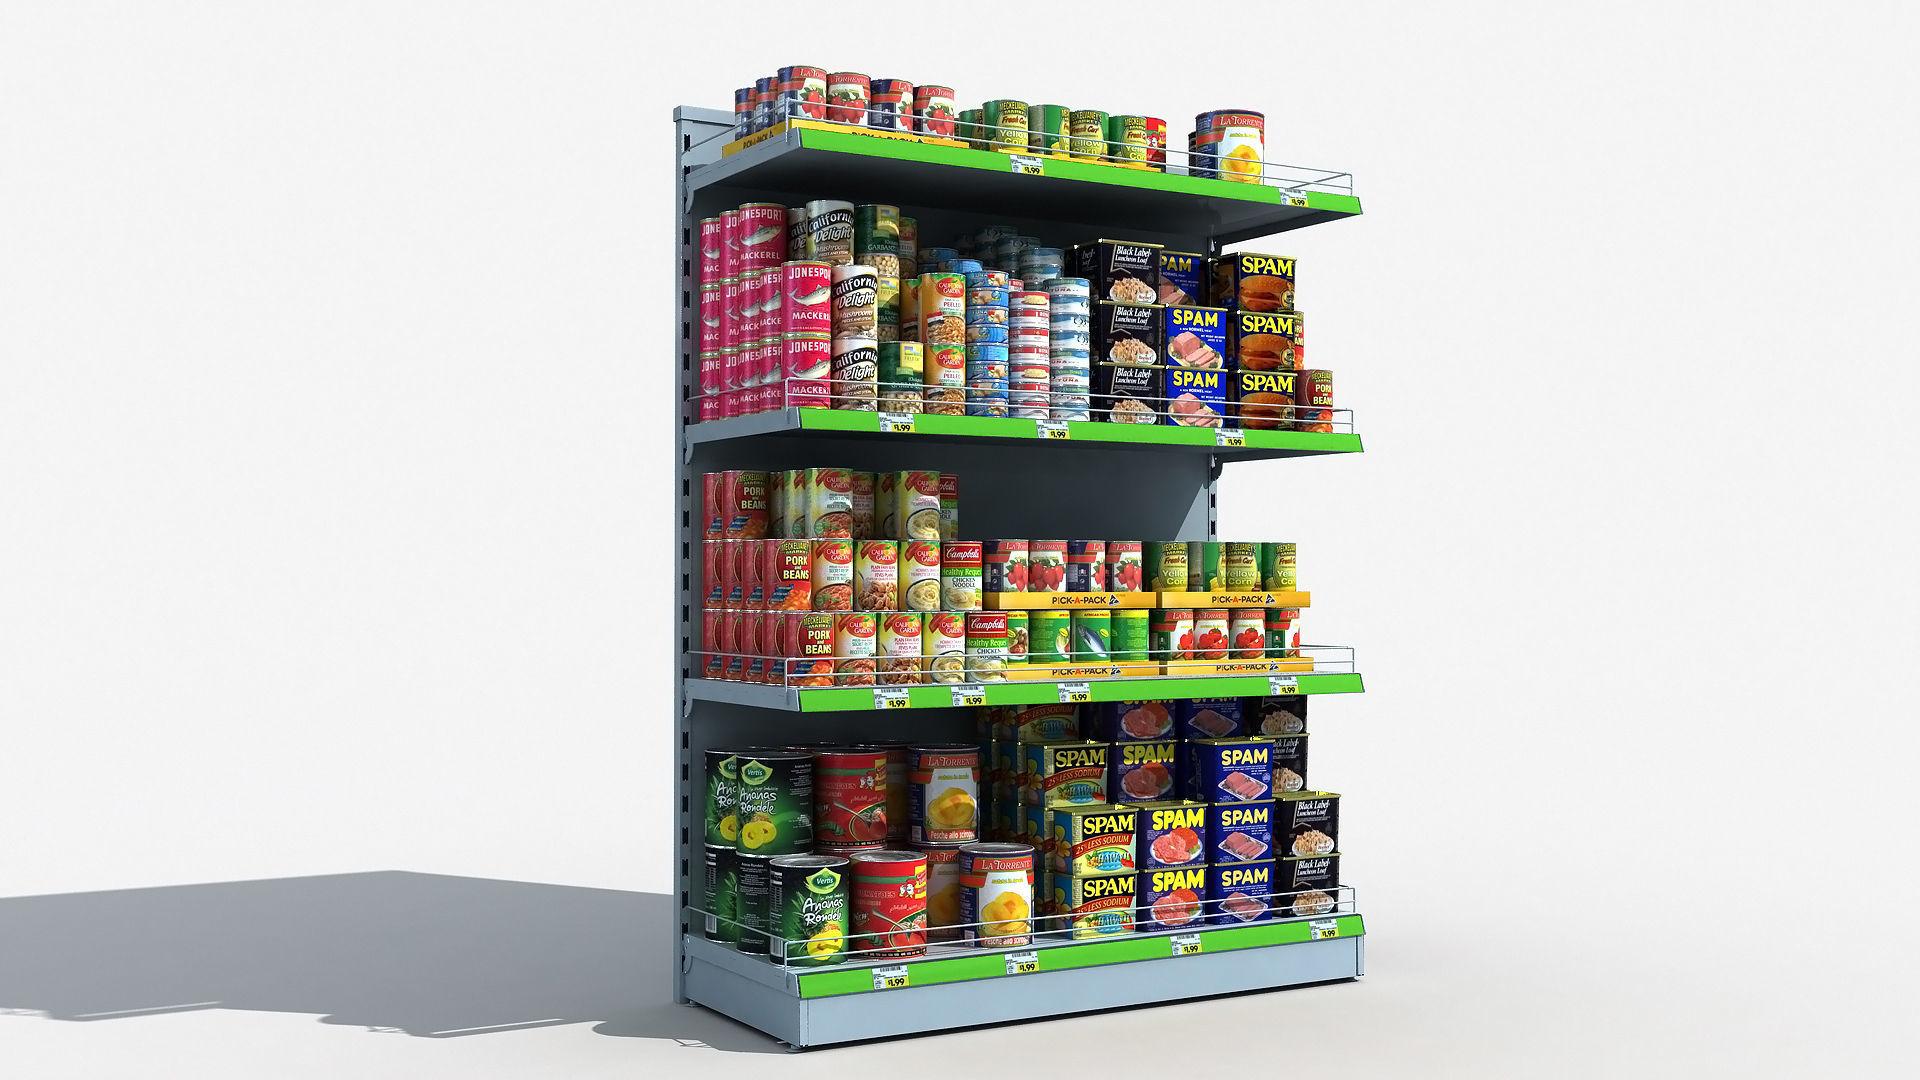 Supermarket Shelves Canned Food